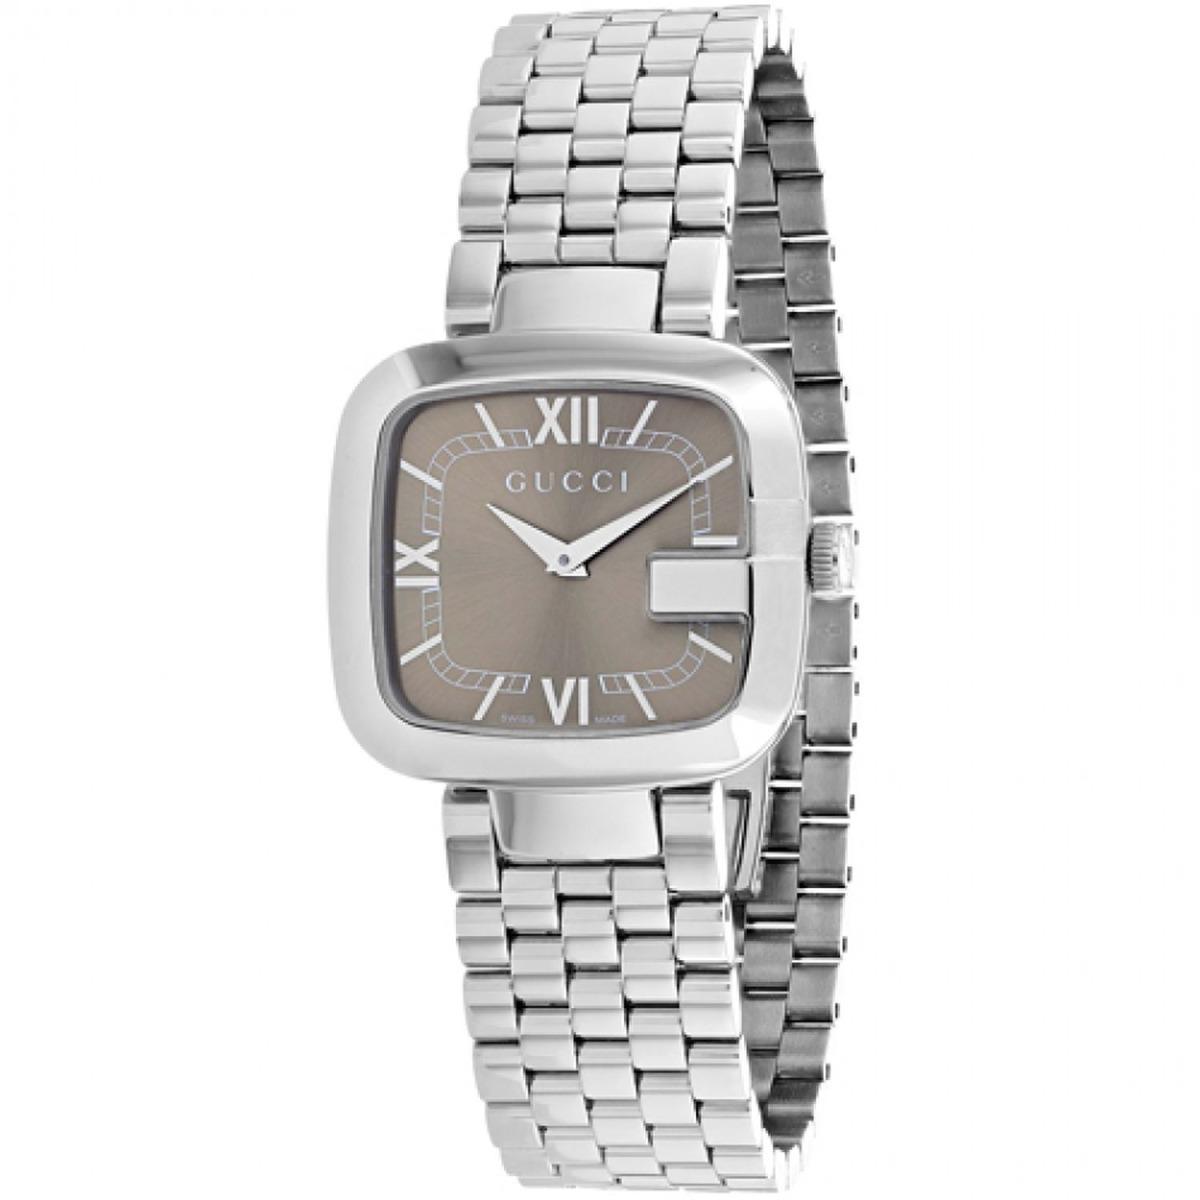 6bada3d13 reloj de cuarzo gucci ya125413 para mujer g-gucci tono plat. Cargando zoom.